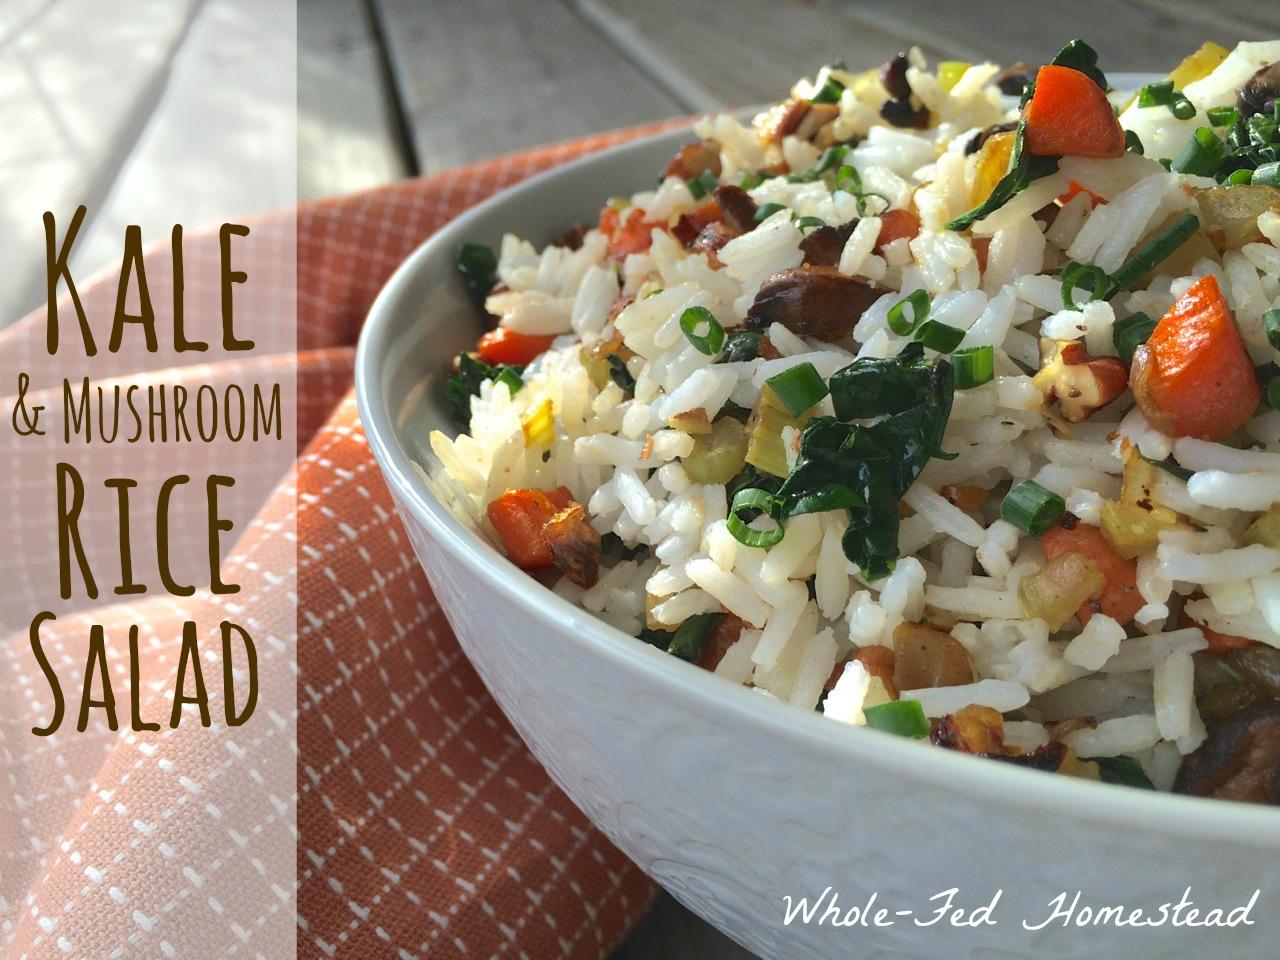 Side Dish Series: Kale & Mushroom Rice Salad